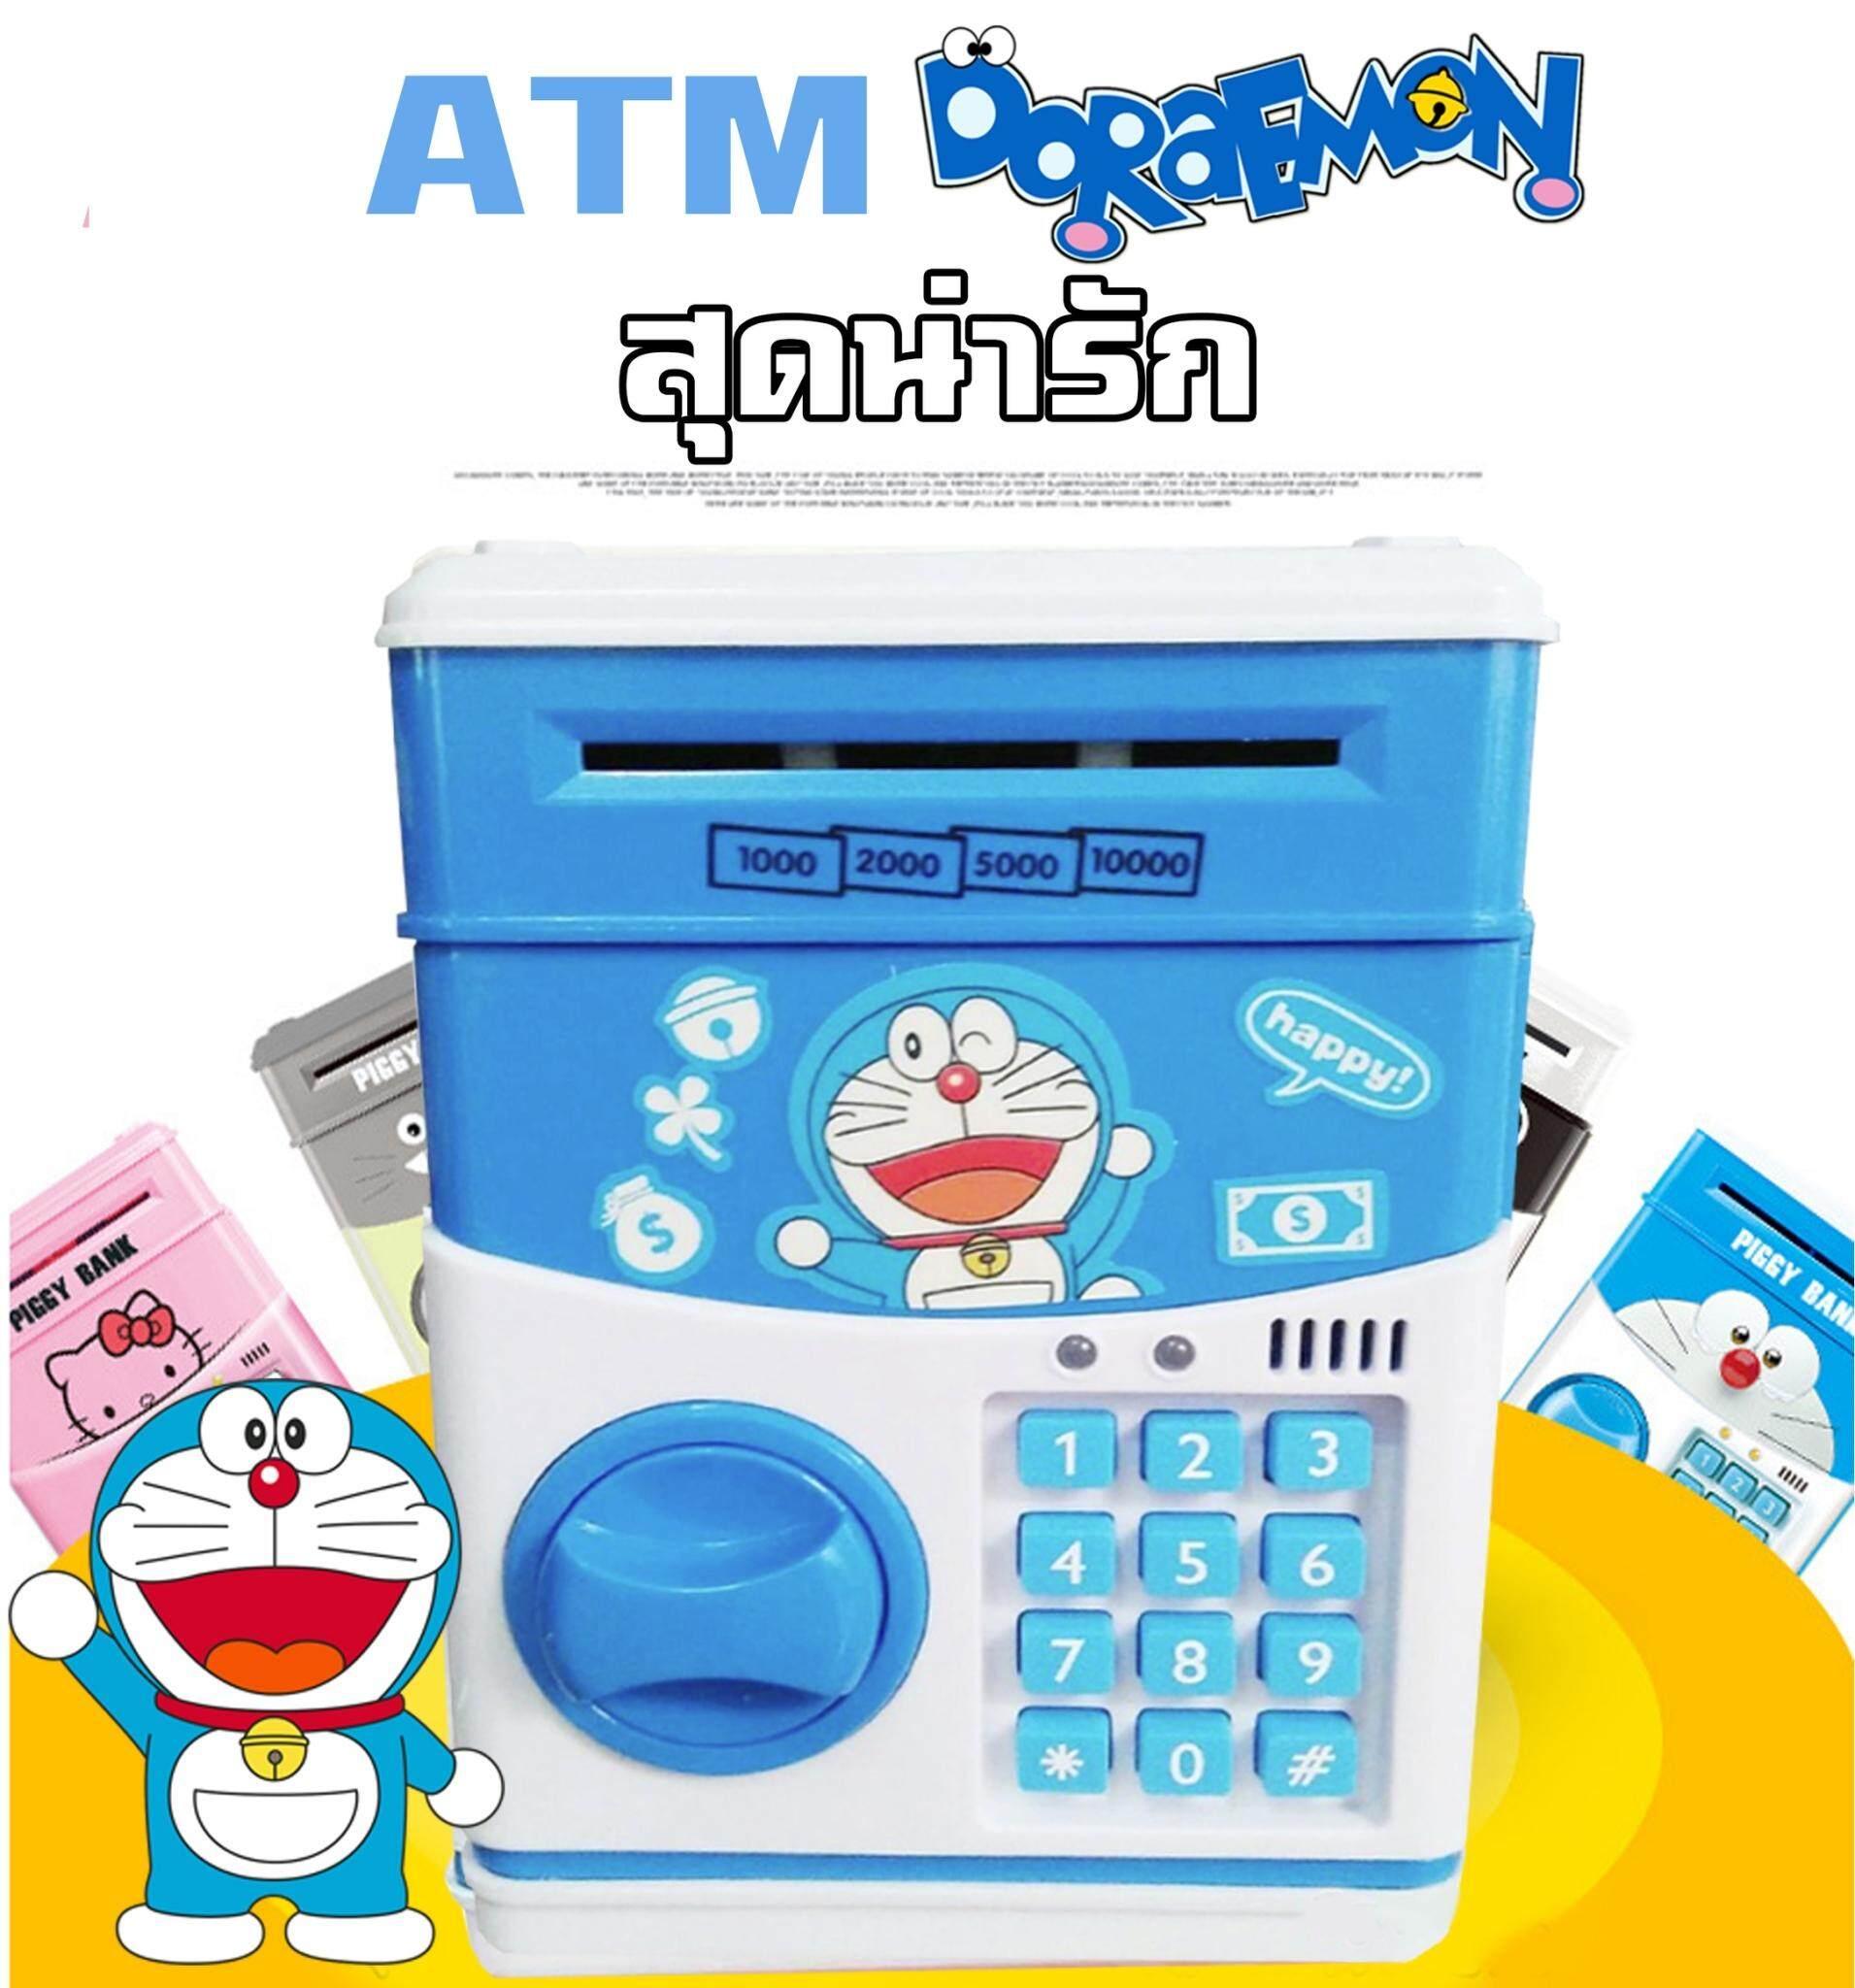 กระปุกออมสินตู้เซฟ สุดน่ารัก Doraemon (atm) แถมฟรีถ่าน1แพ็ค By Z2me-Shopping.